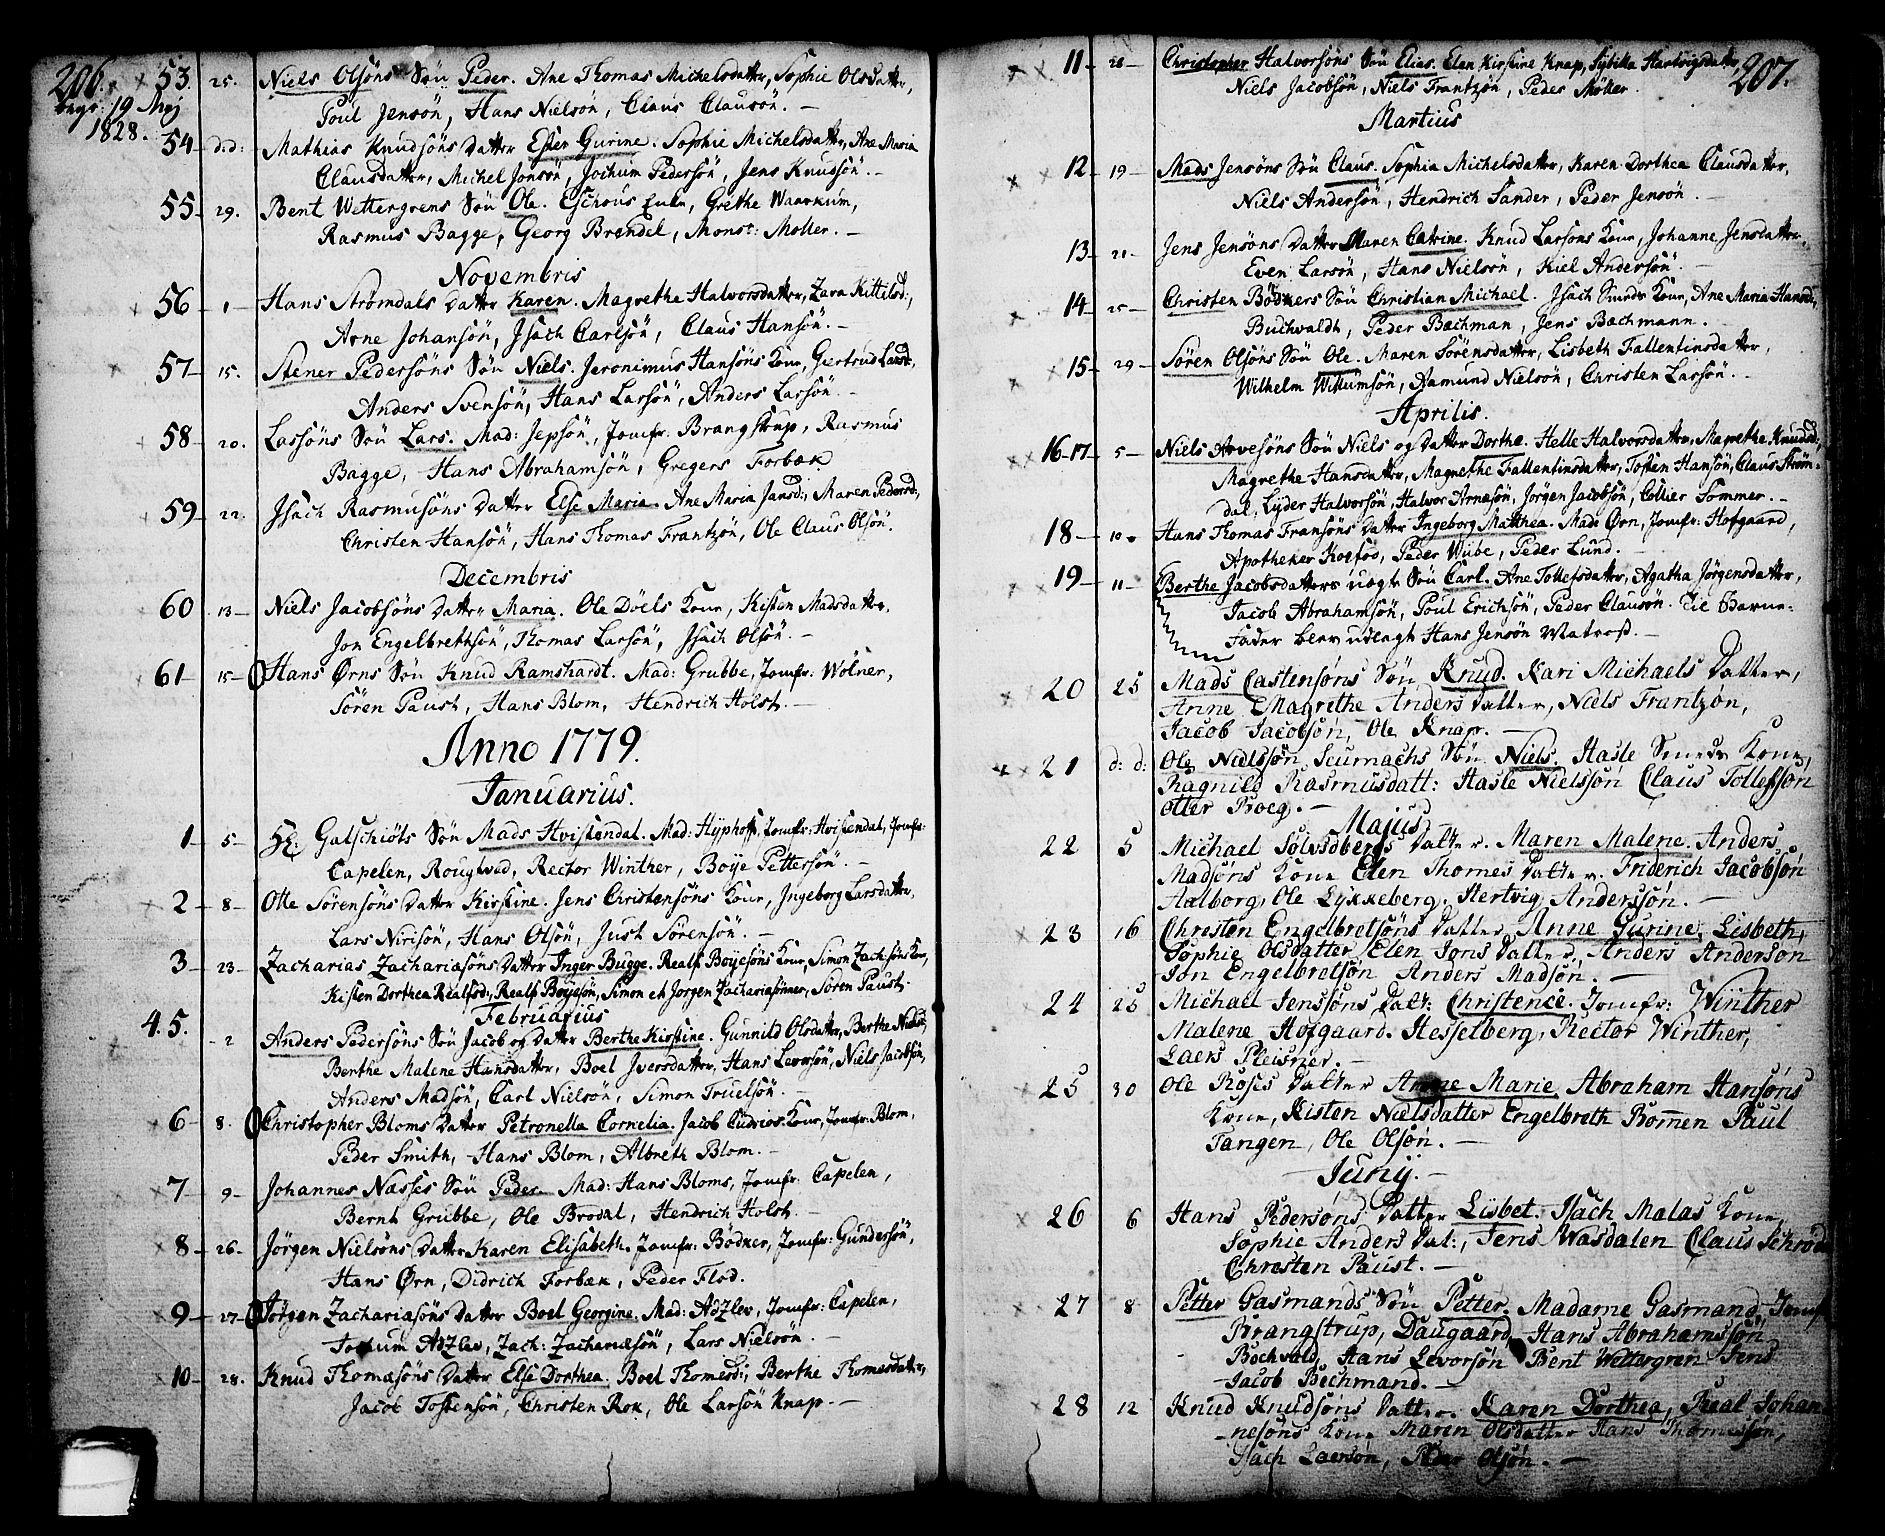 SAKO, Skien kirkebøker, F/Fa/L0003: Ministerialbok nr. 3, 1755-1791, s. 206-207